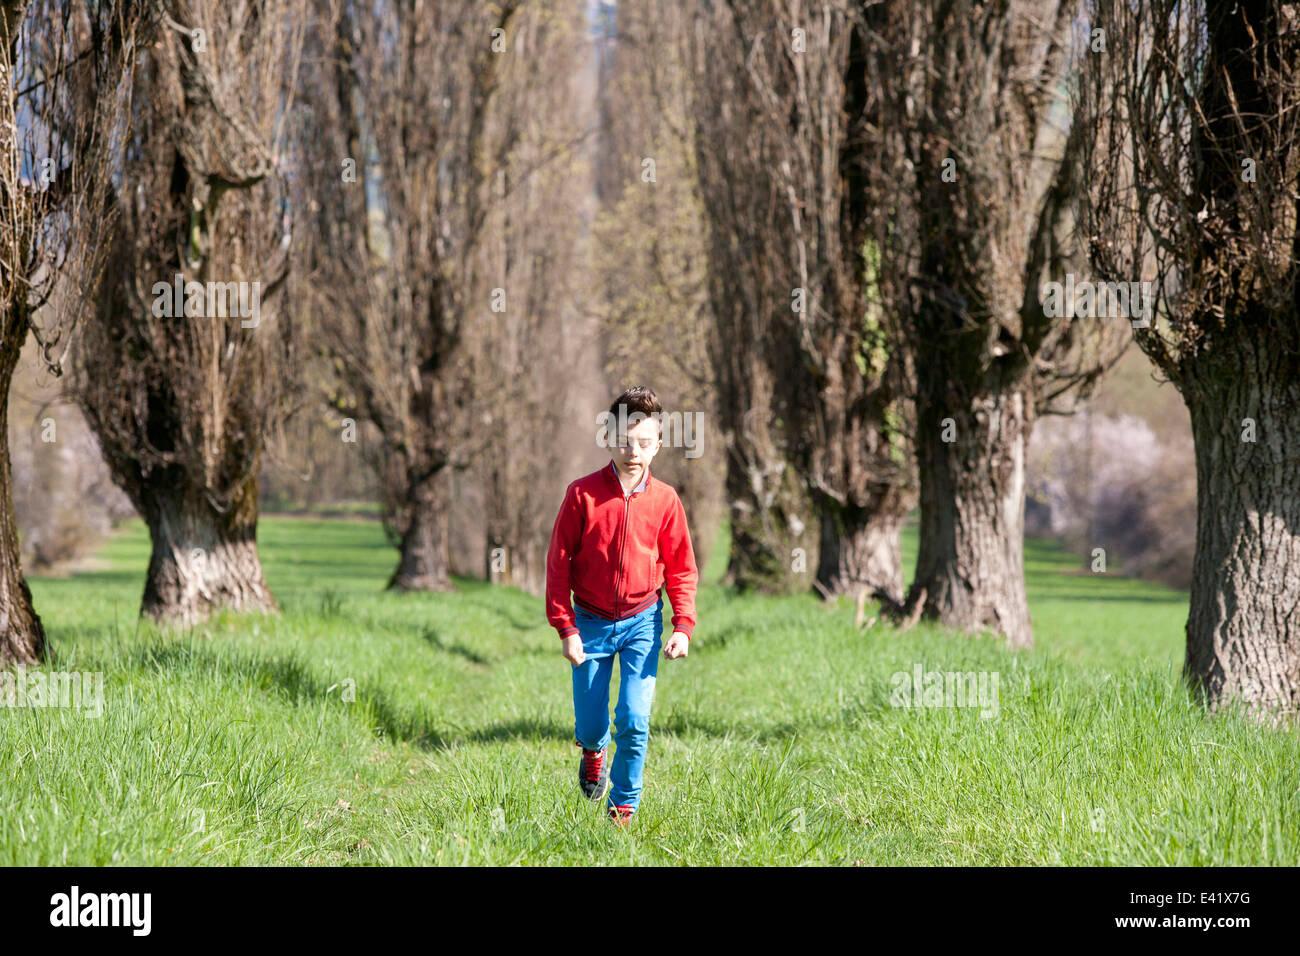 Twelve year old boy walking along tree lined field - Stock Image